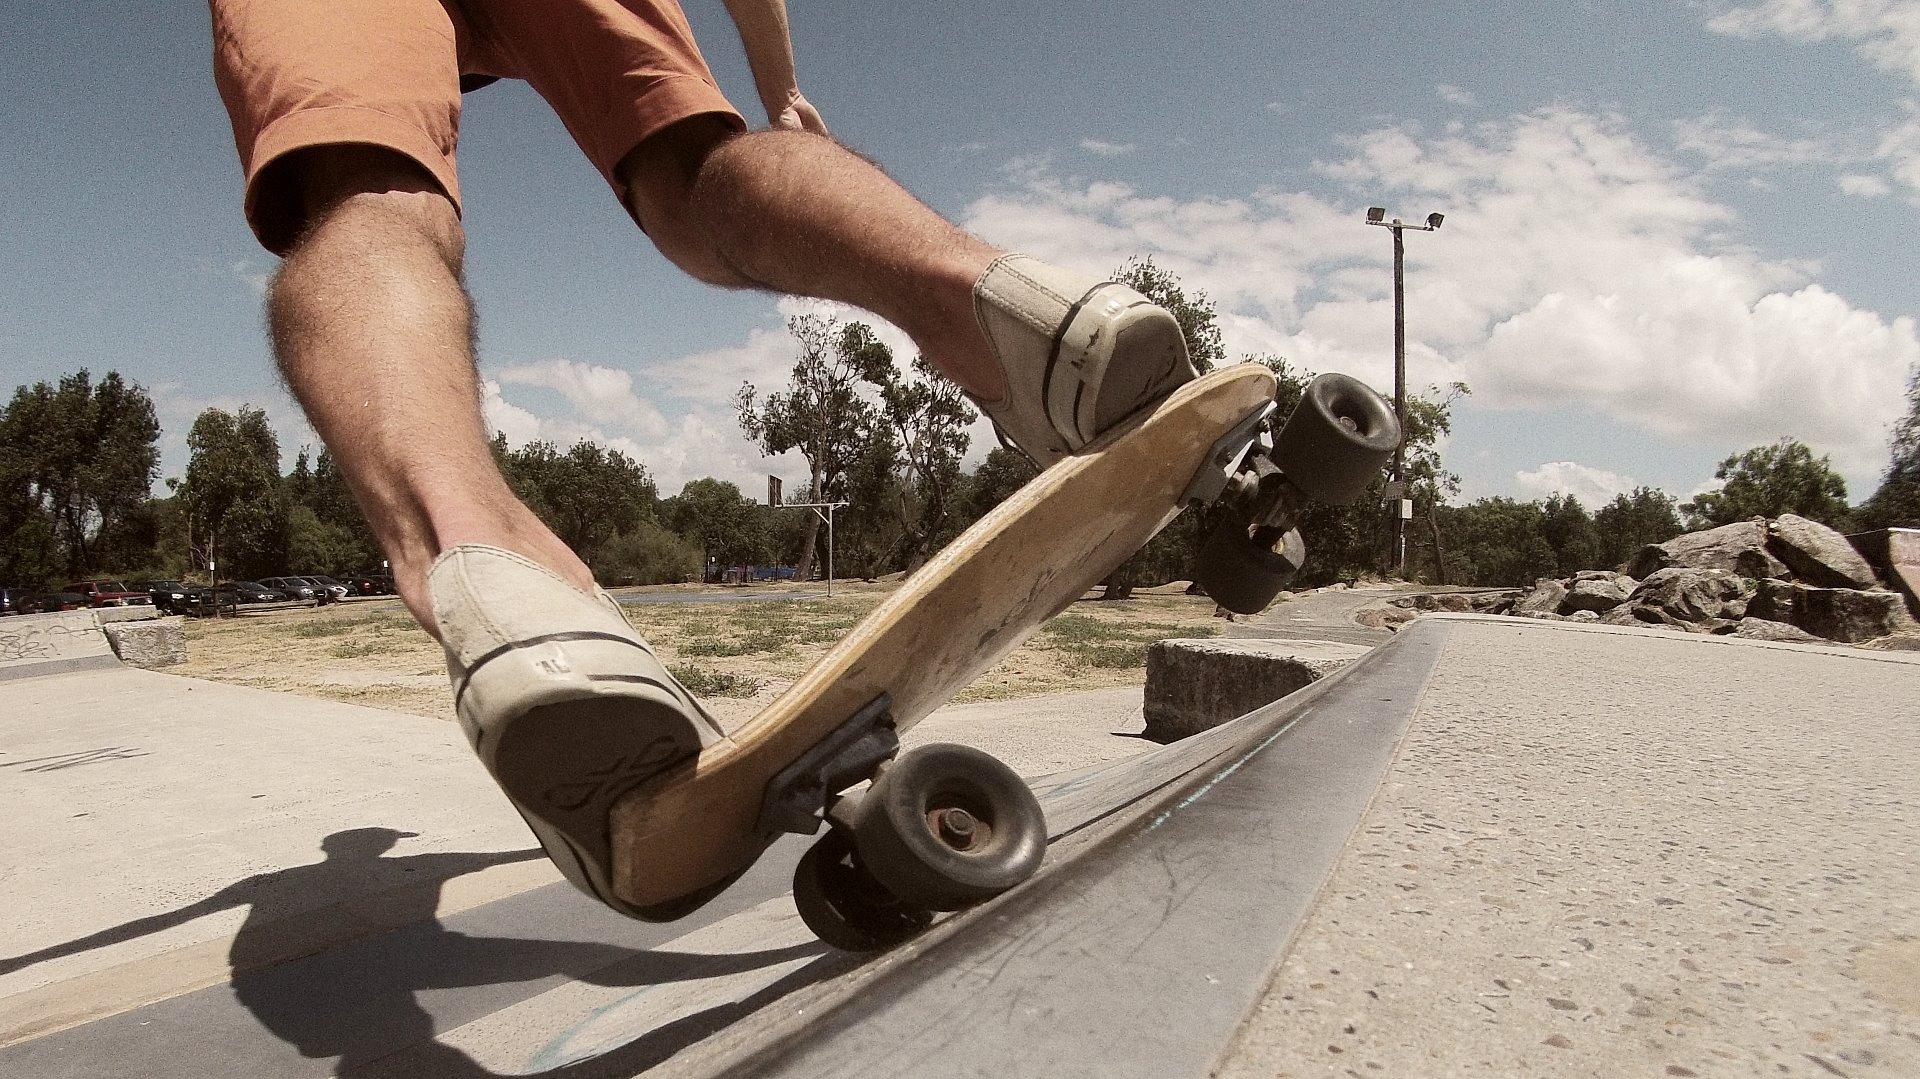 Felipe-skate-slalom-siebert-surfboards